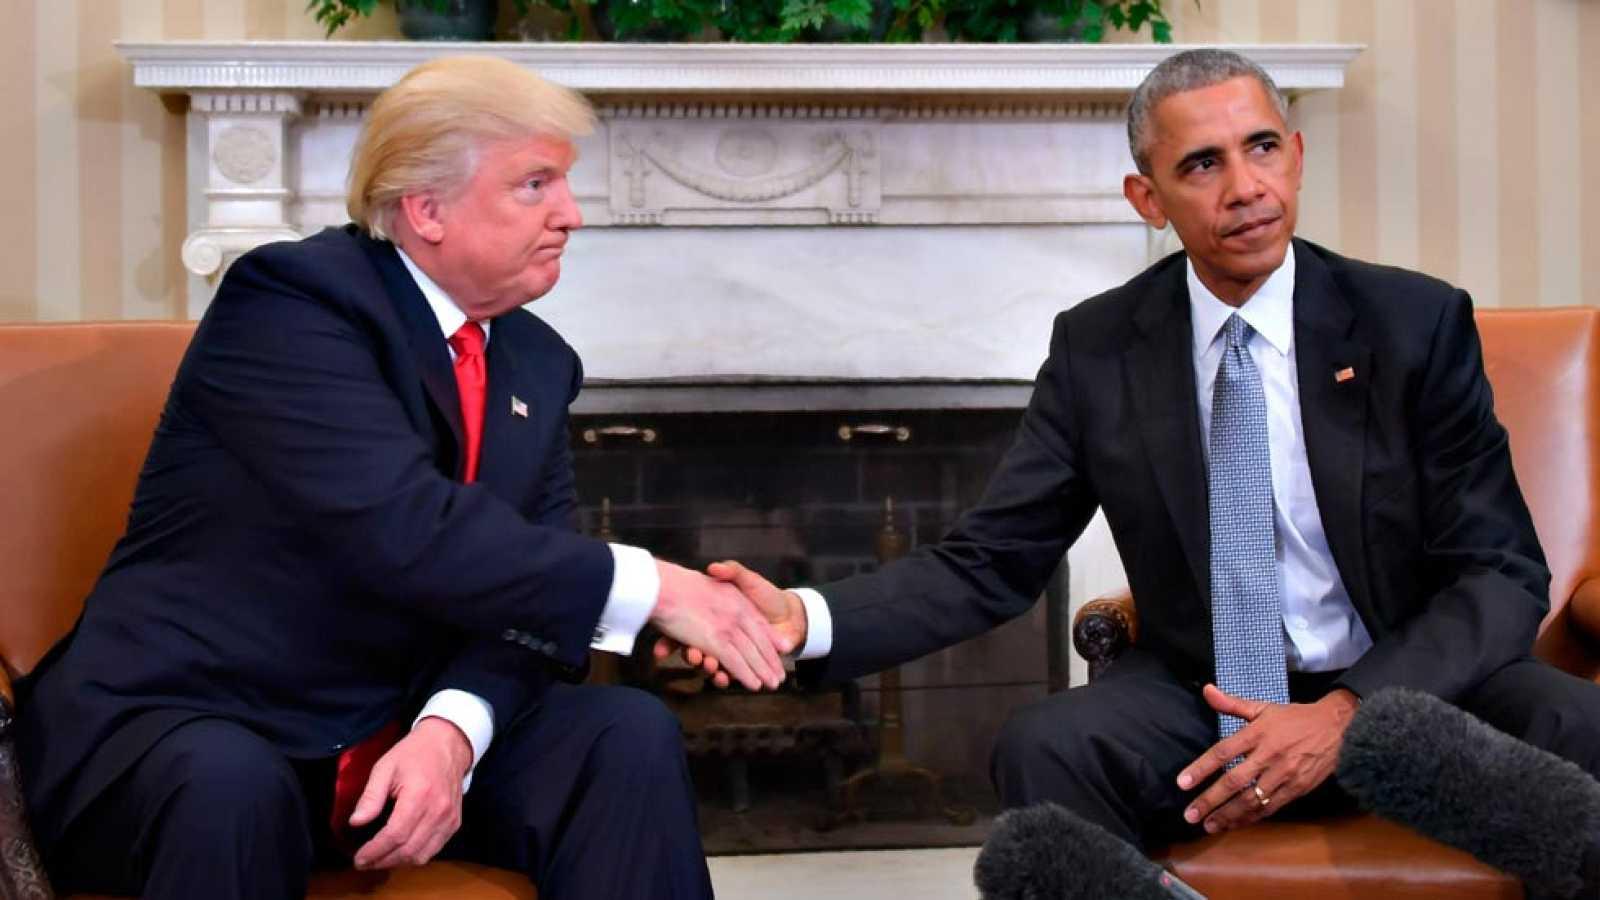 Primer encuentro entre Trump y Obama para el traspaso de poderes en EE.UU.